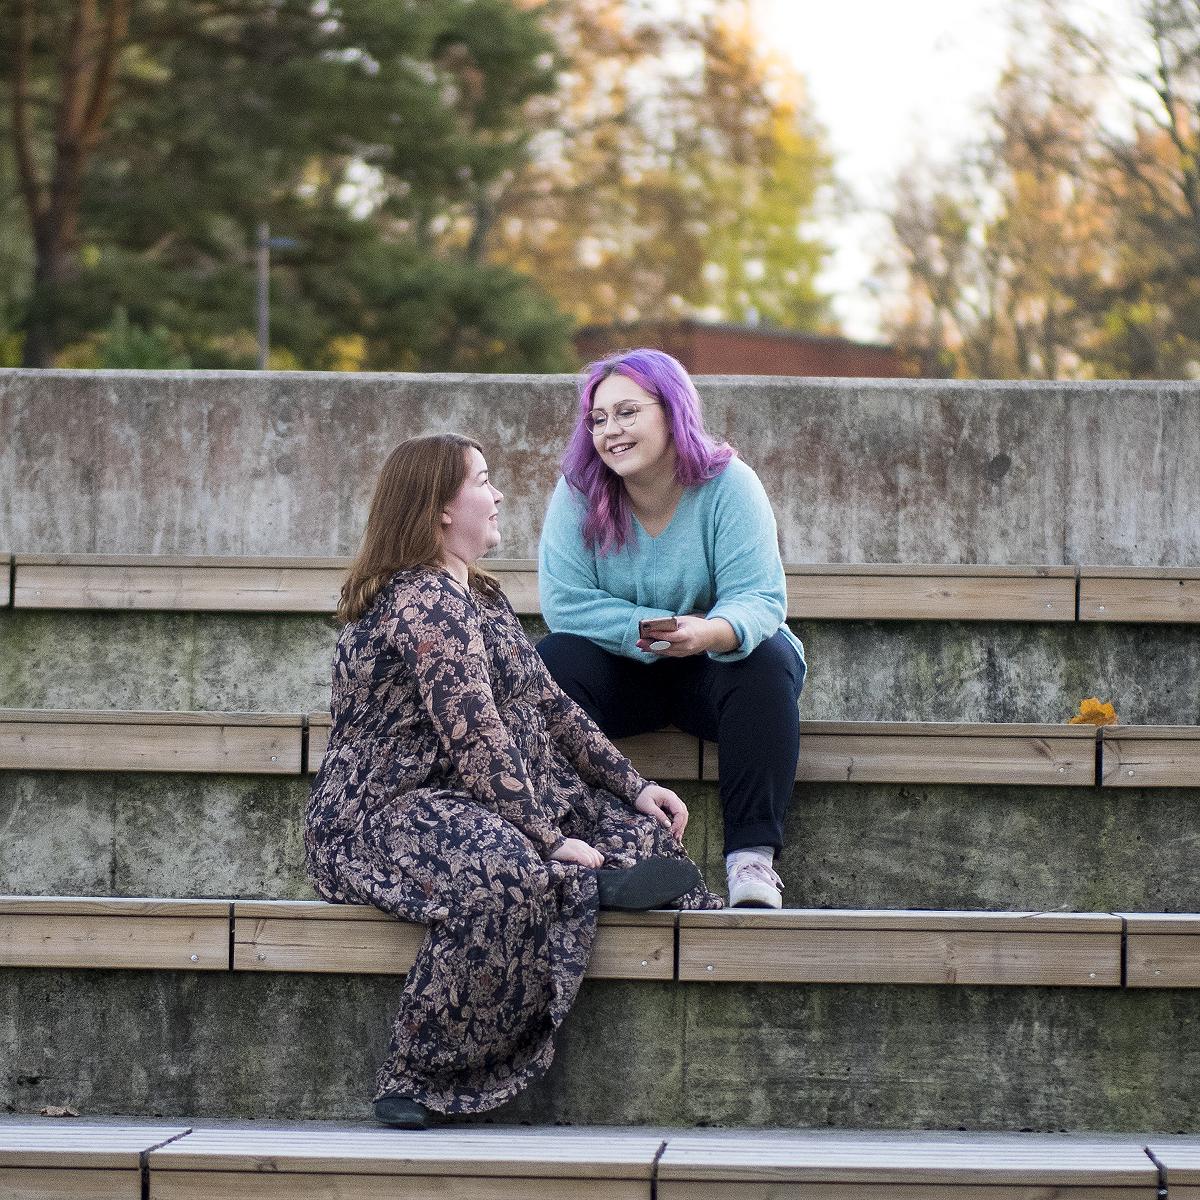 Suhteellista podcast – Toimiiko ystävyys 12 vuoden ikäerolla?